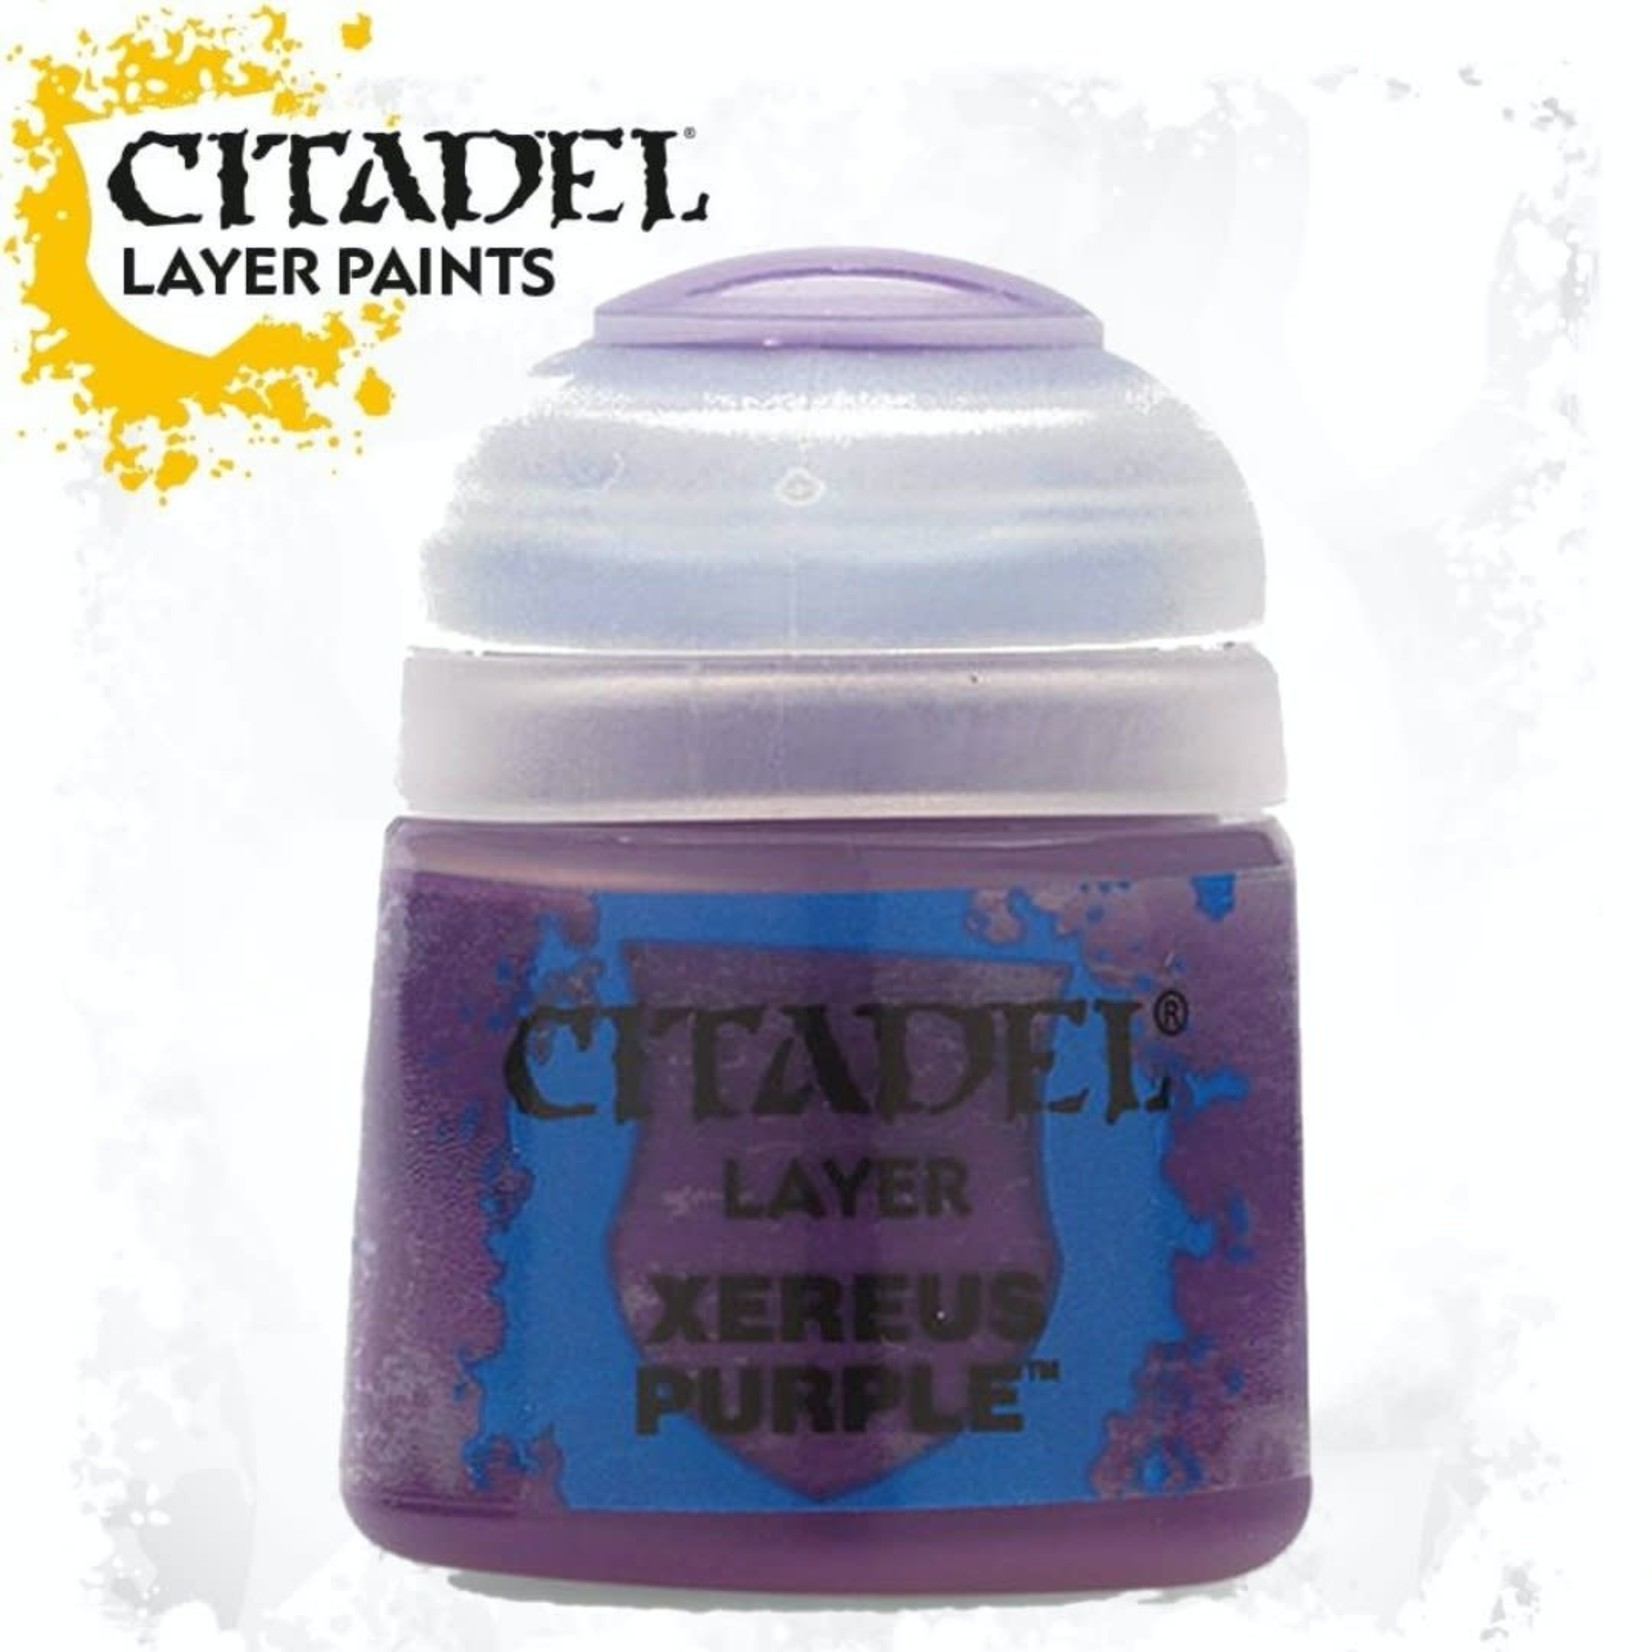 Citadel Citadel Paint - Layer: Xereus Purple